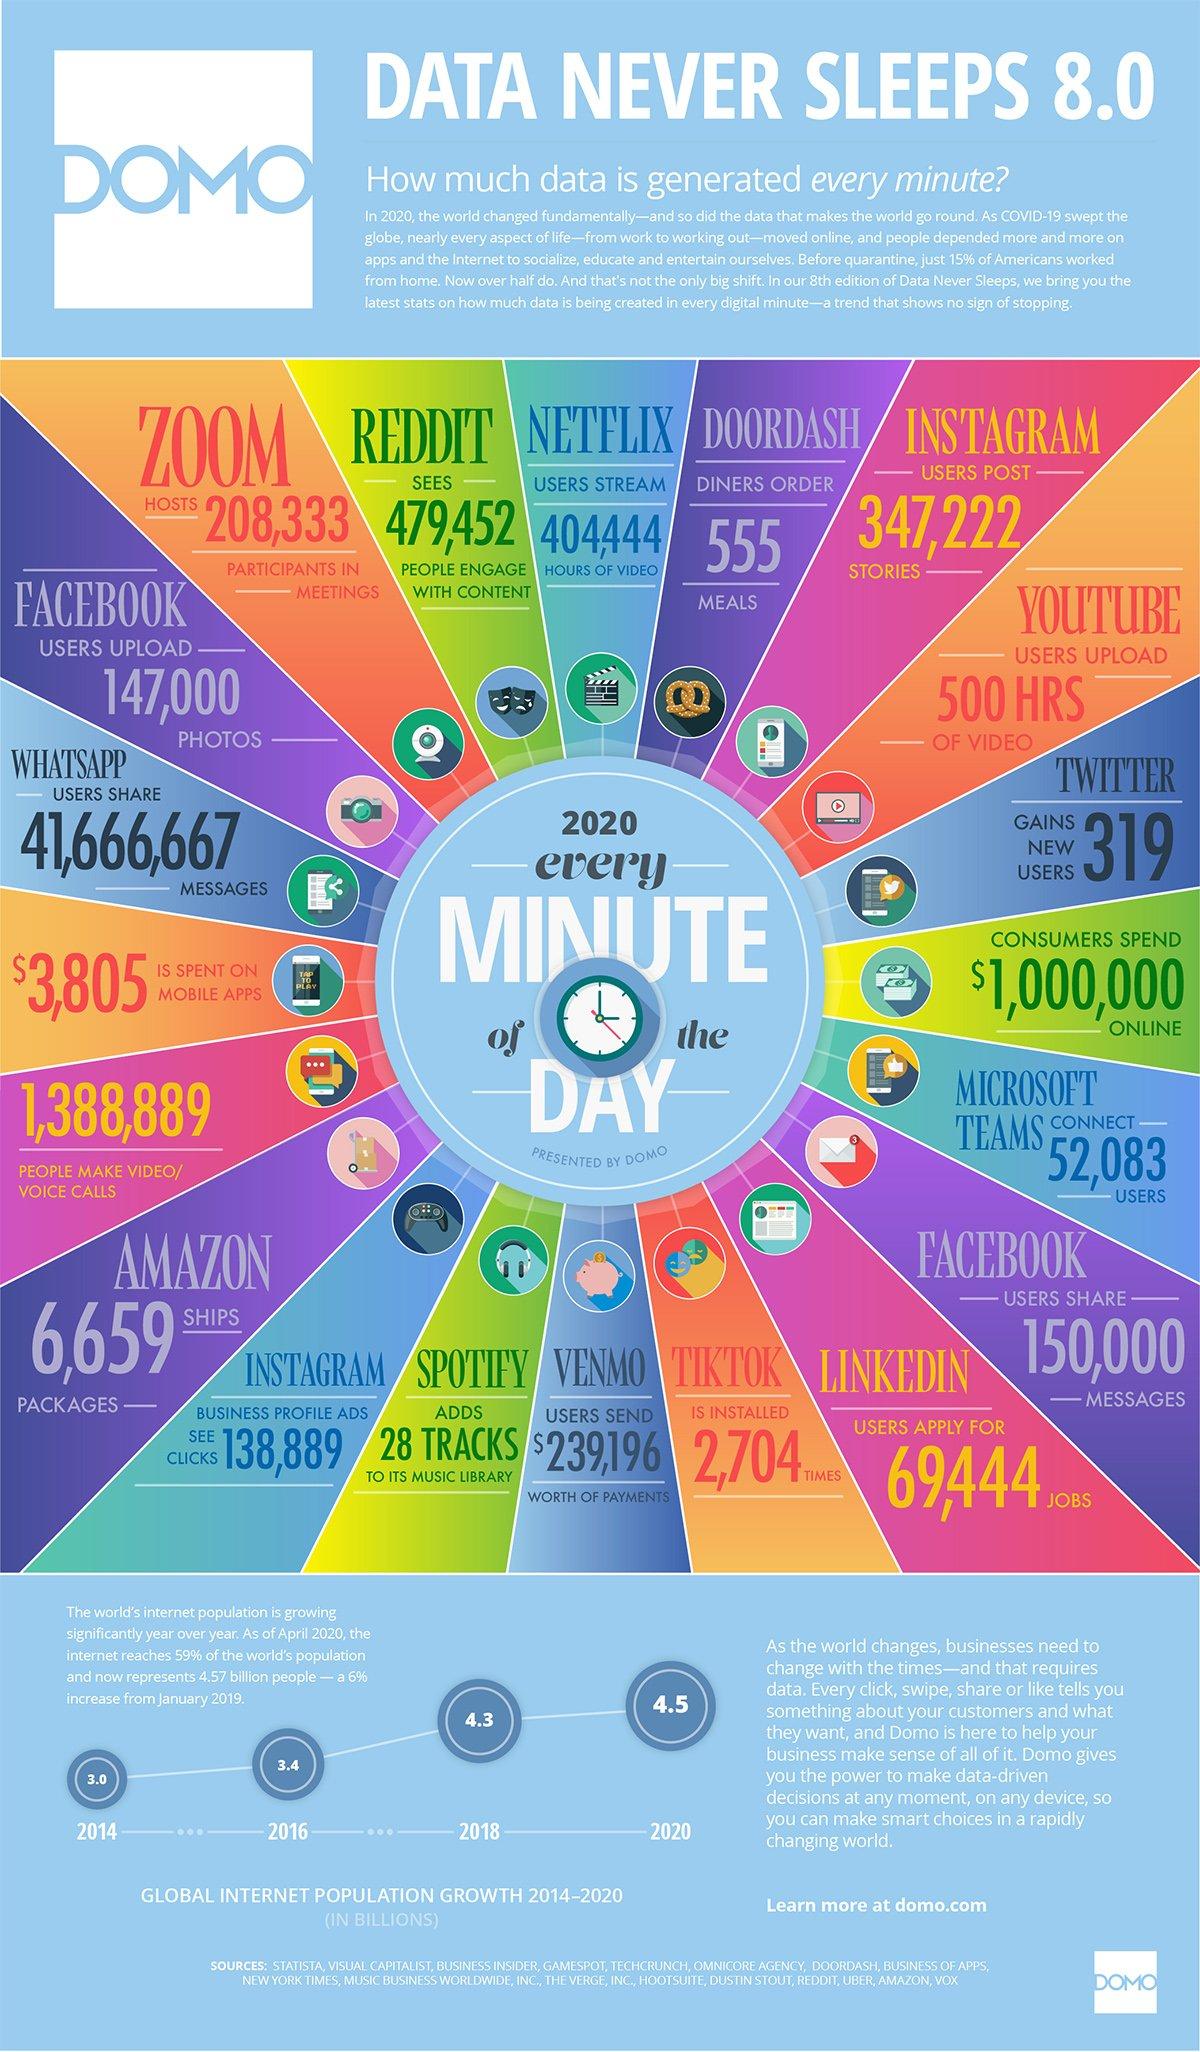 Lo que ocurre en internet cada minuto